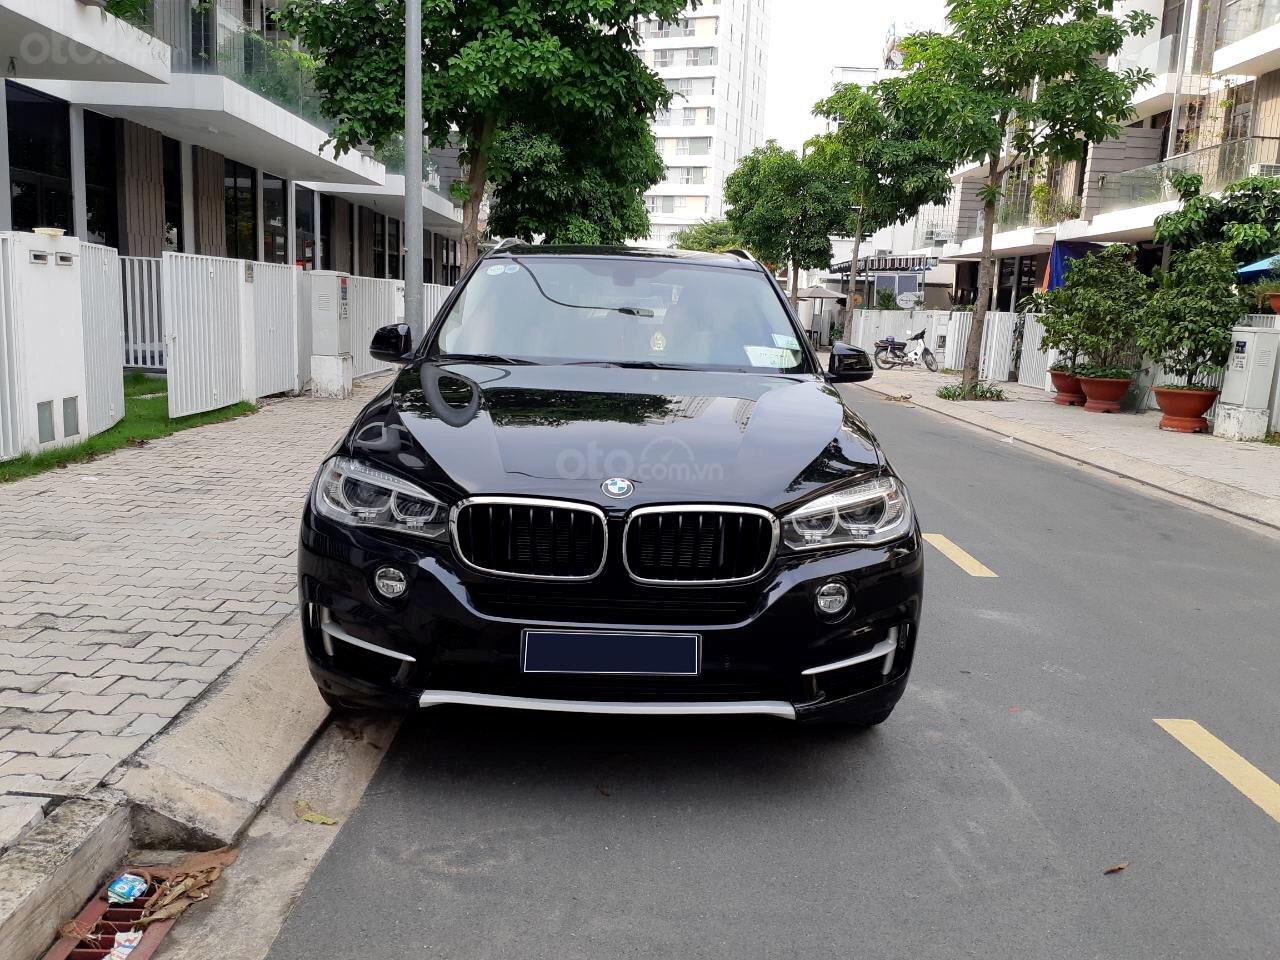 Bán BMW X5 xDrive30d, SX 2015, đã đi 93.000km, xe chính chủ-2